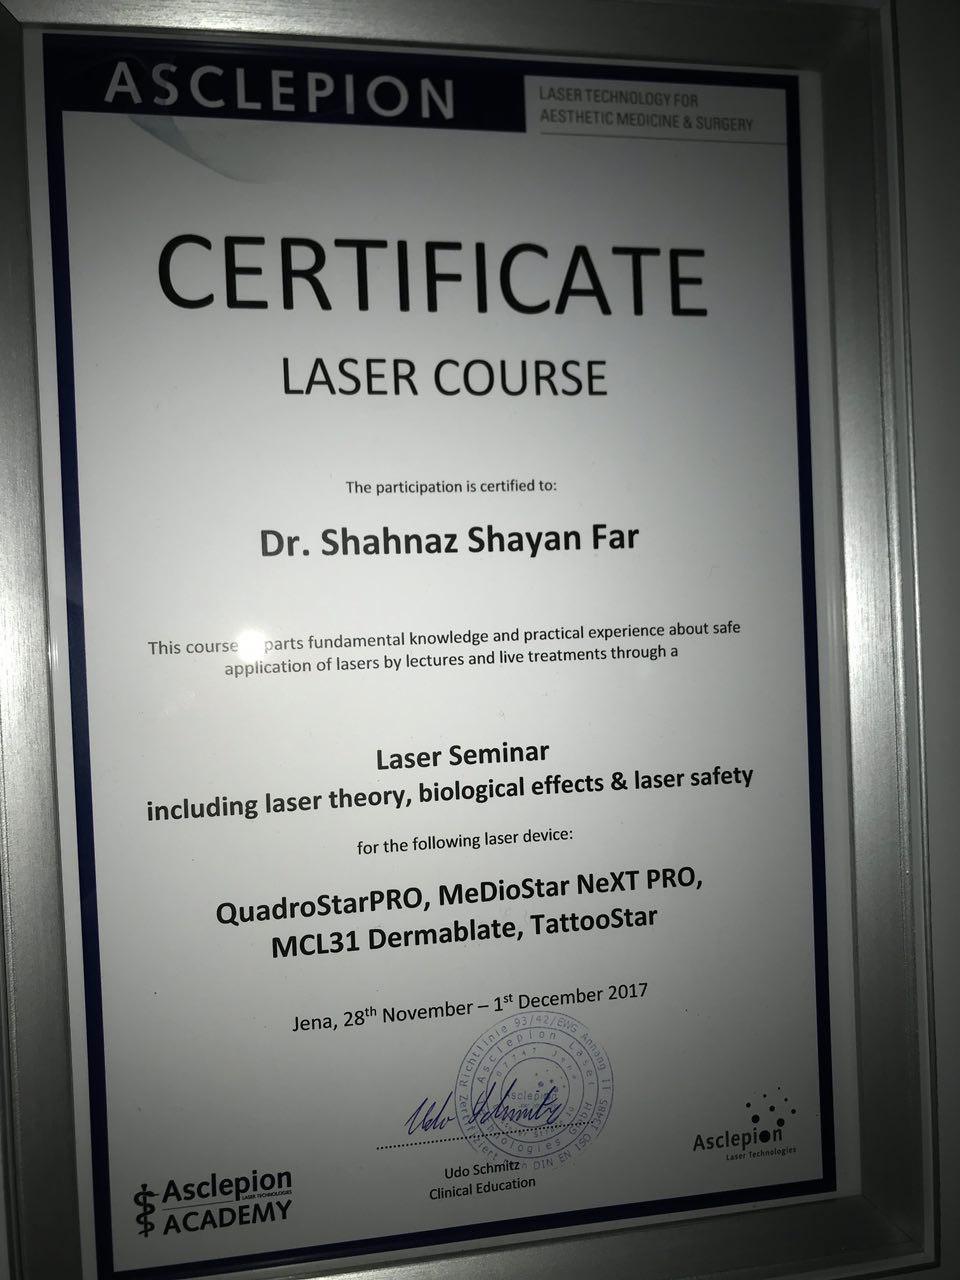 گواهی نامه دوره لیزر دکتر شایان فر